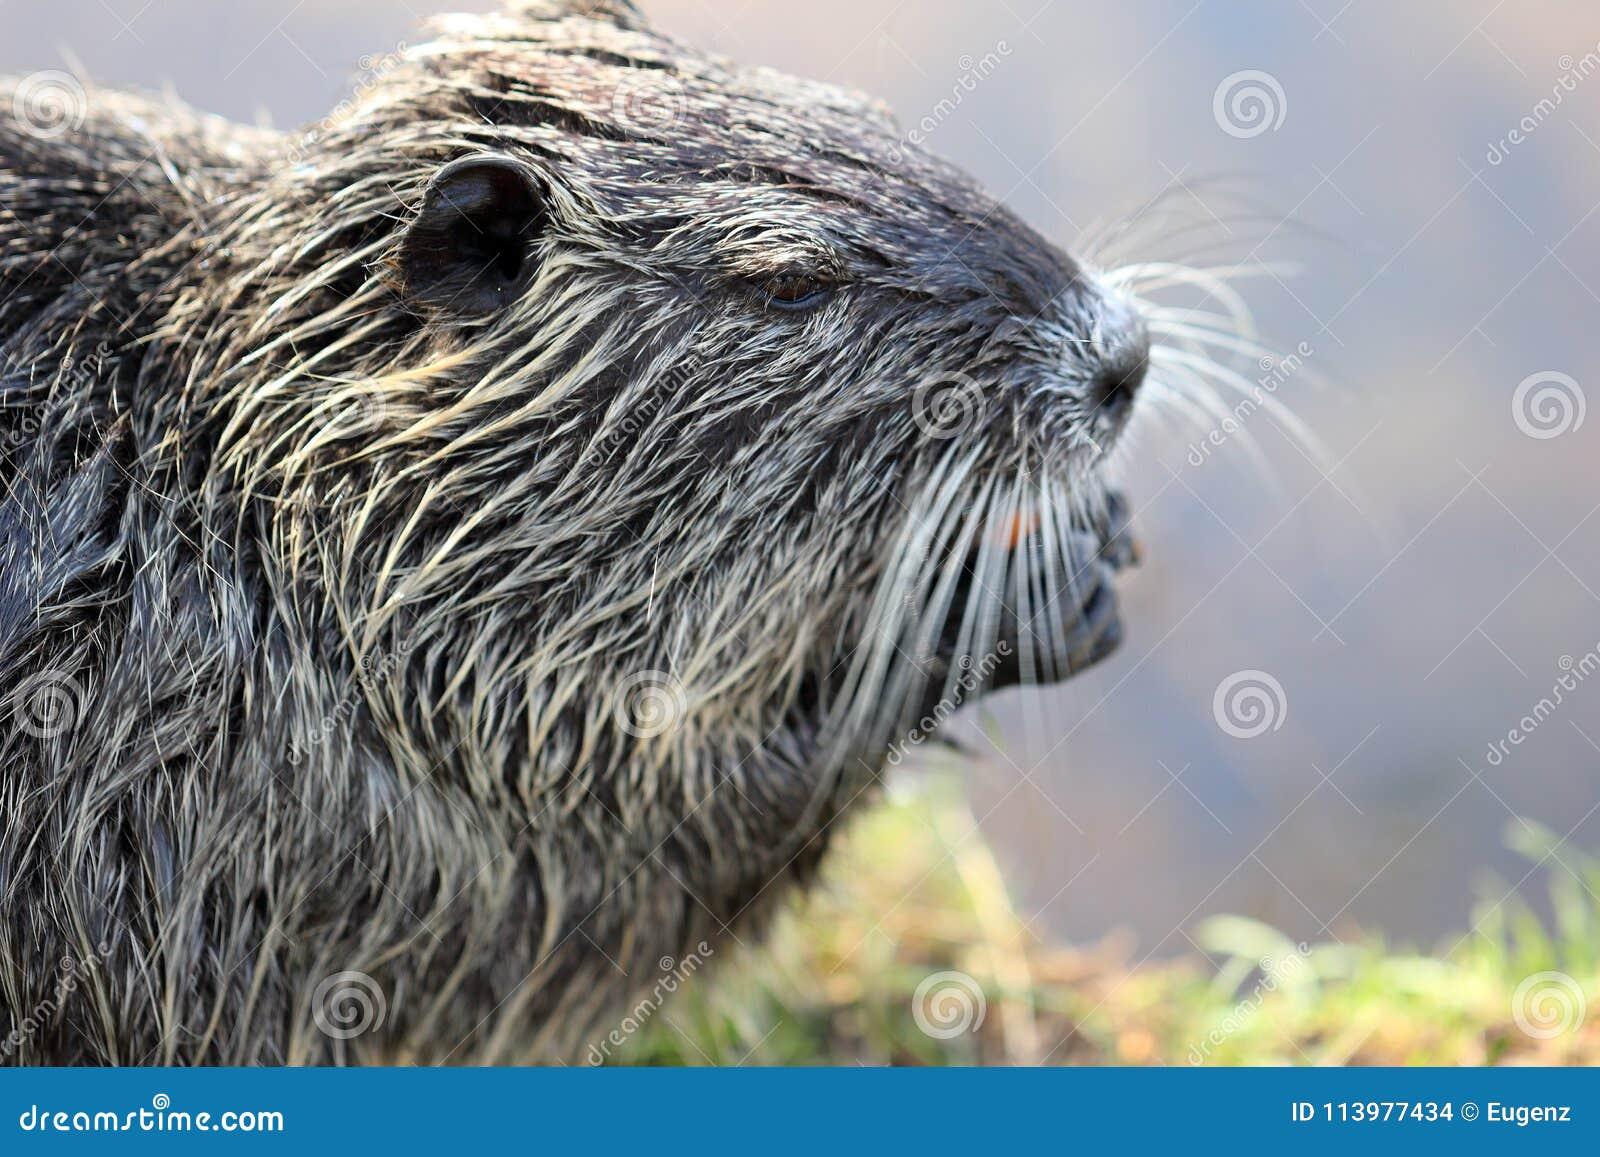 Ciérrese encima de fotografía de un solo nutria o coypu mientras que come una zanahoria en una orilla del río en un día soleado b